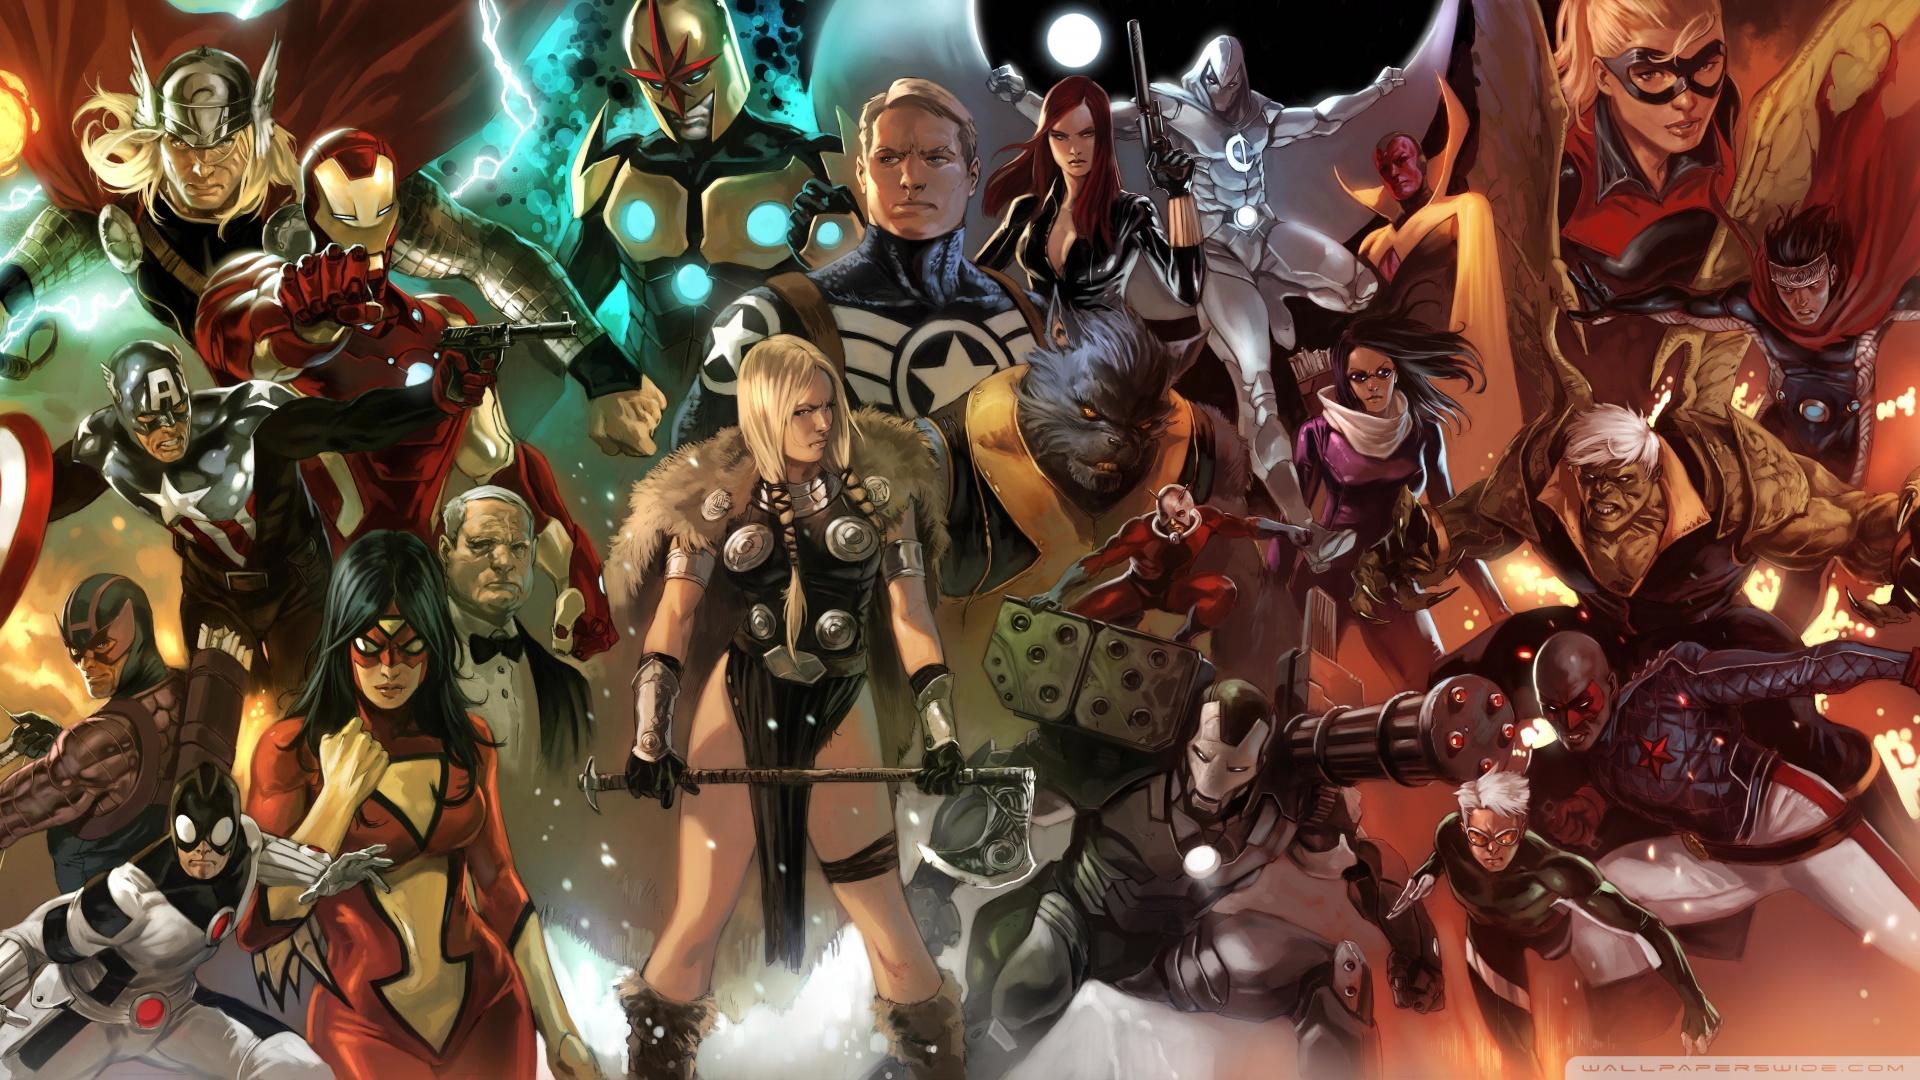 Marvel Wallpaper Movies Comics Full HD 1920x1080